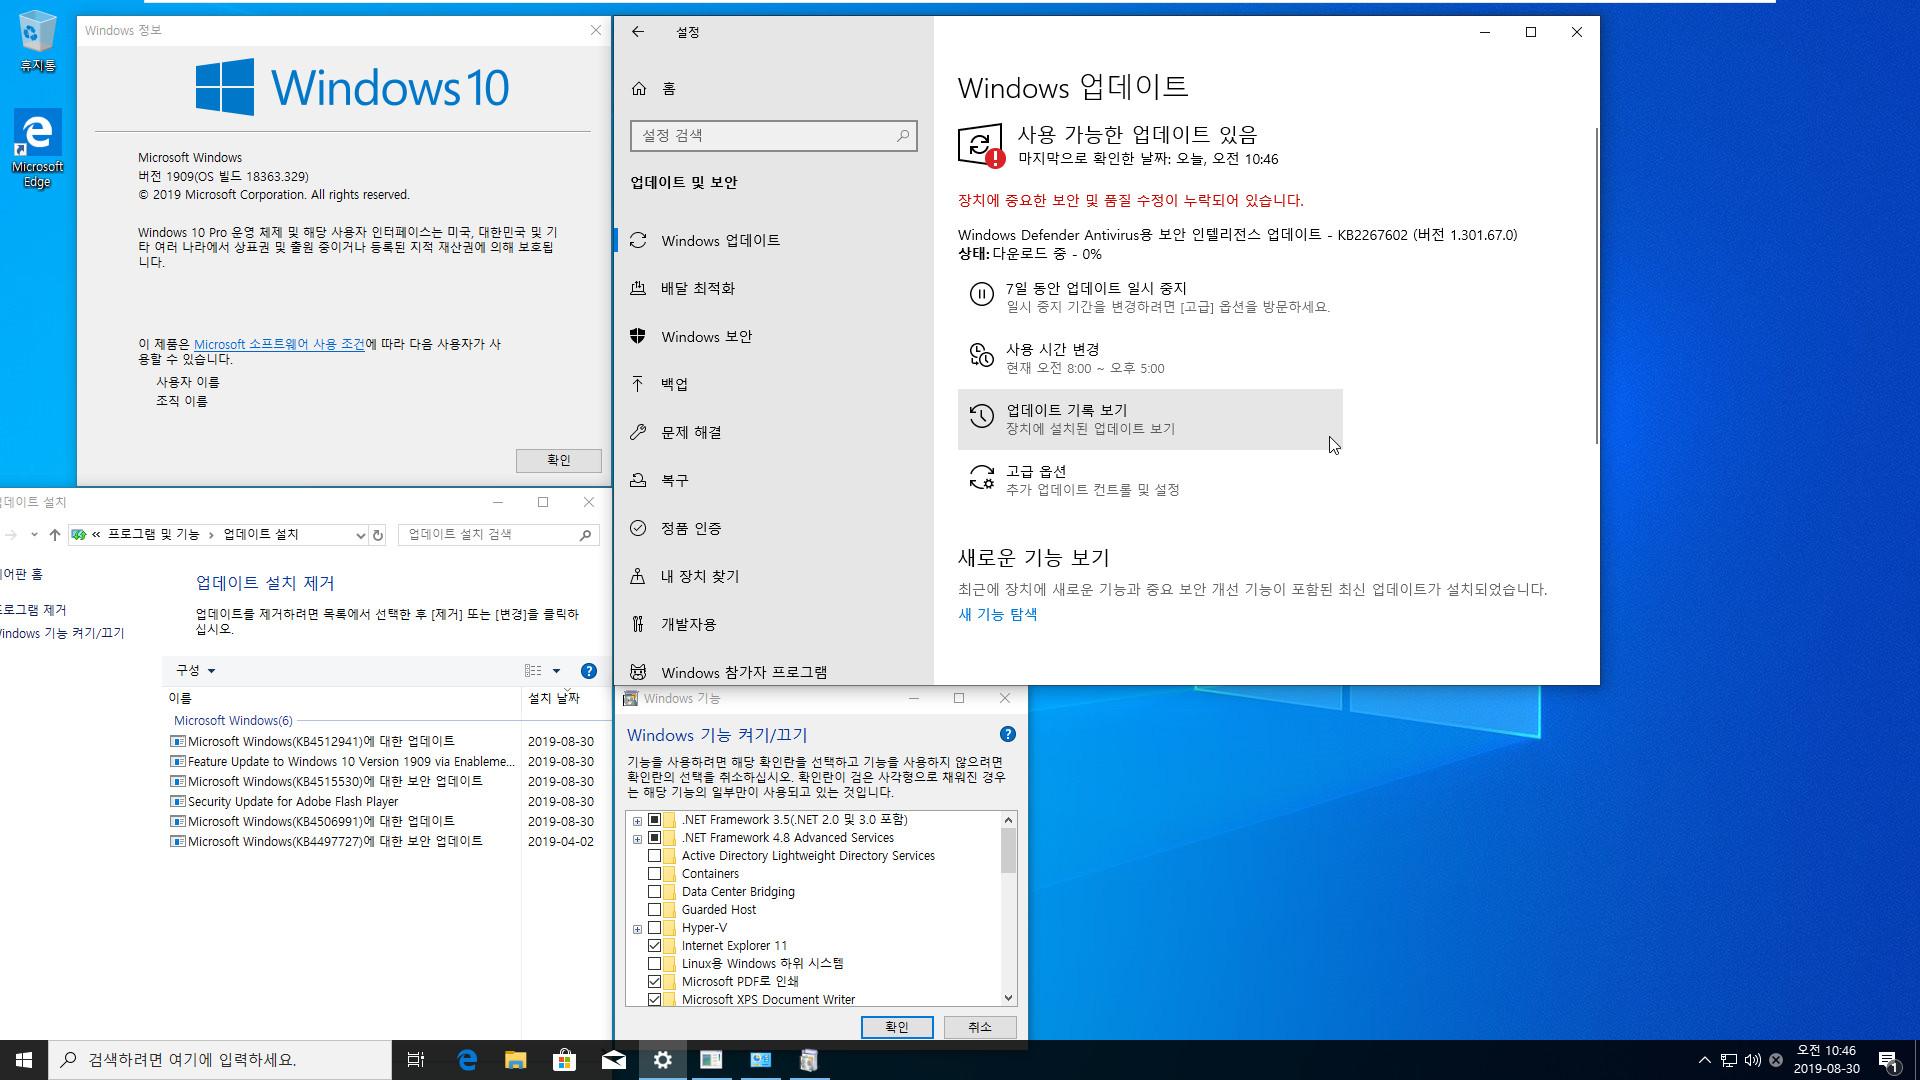 Windows 10 버전 1909 (OS 빌드 18363.329) [2019-08-29 일자] 릴리스 프리뷰 나왔네요 - 통합중 입니다 2019-08-30_104643.jpg